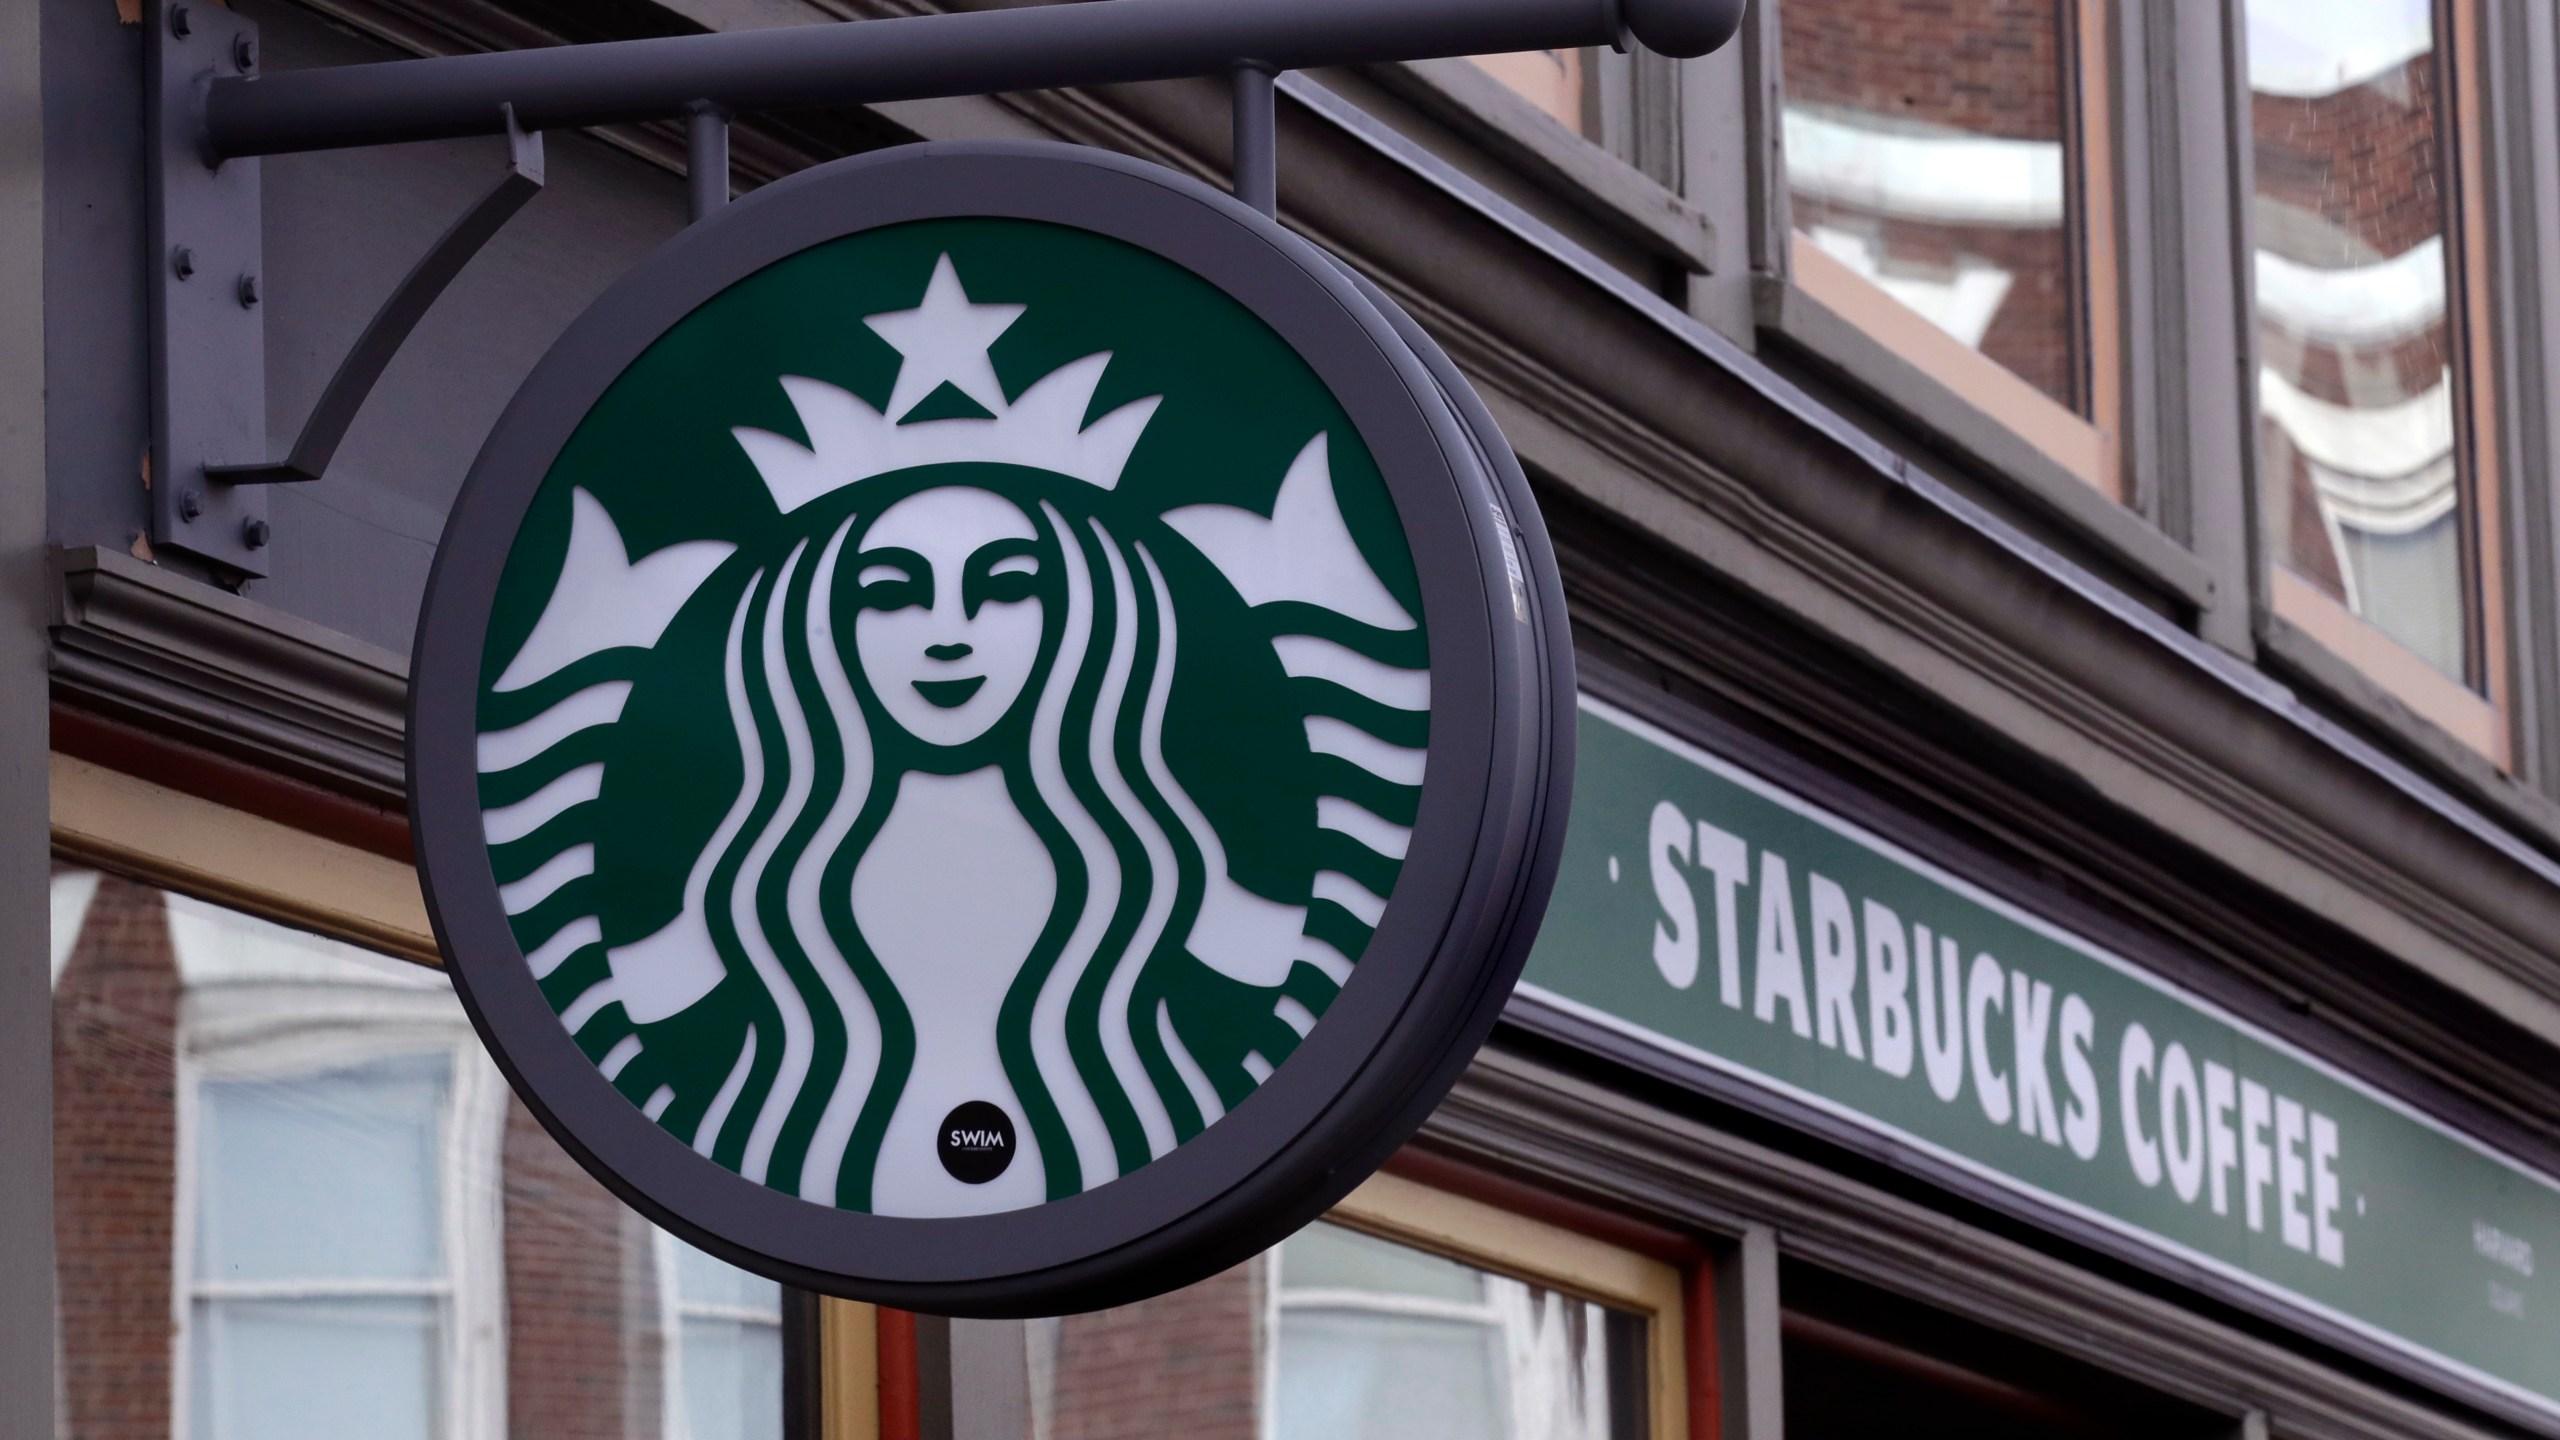 Earns_Starbucks_02823-159532.jpg13299600